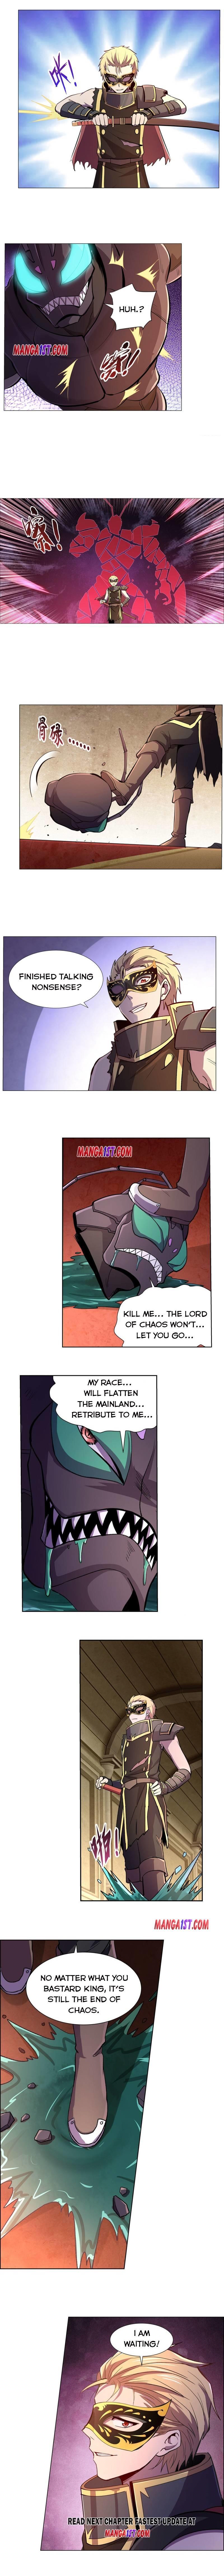 The Demon King Who Lost His Job Chapter 189 page 7 - Mangakakalots.com